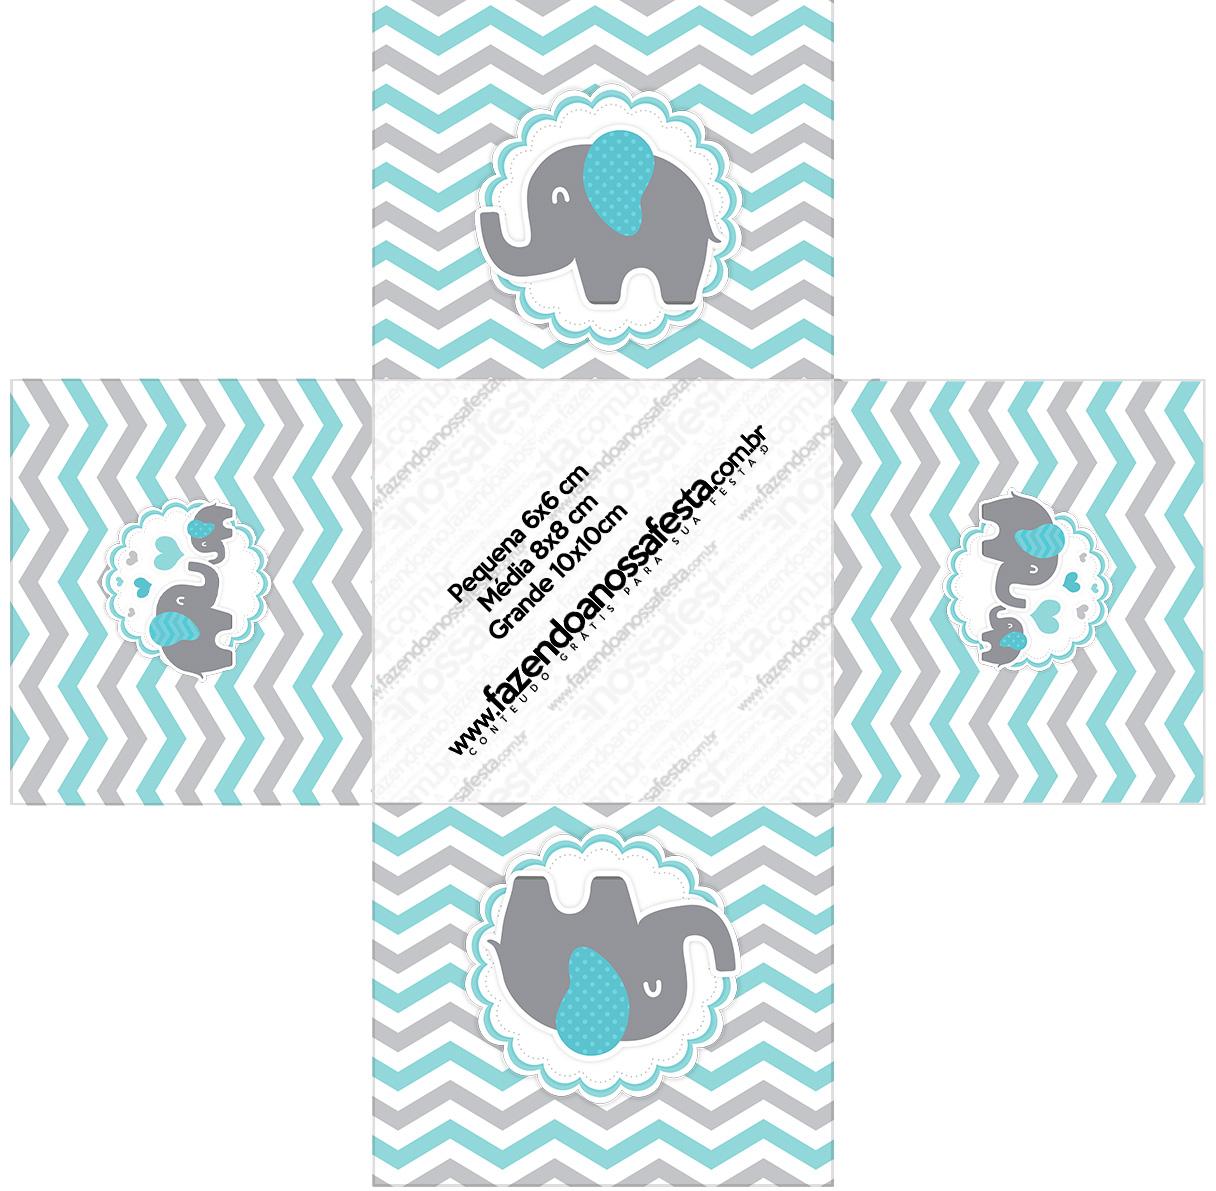 Forminha docinho quadrada Elefantinho Chevron Cinza e Azul Turquesa